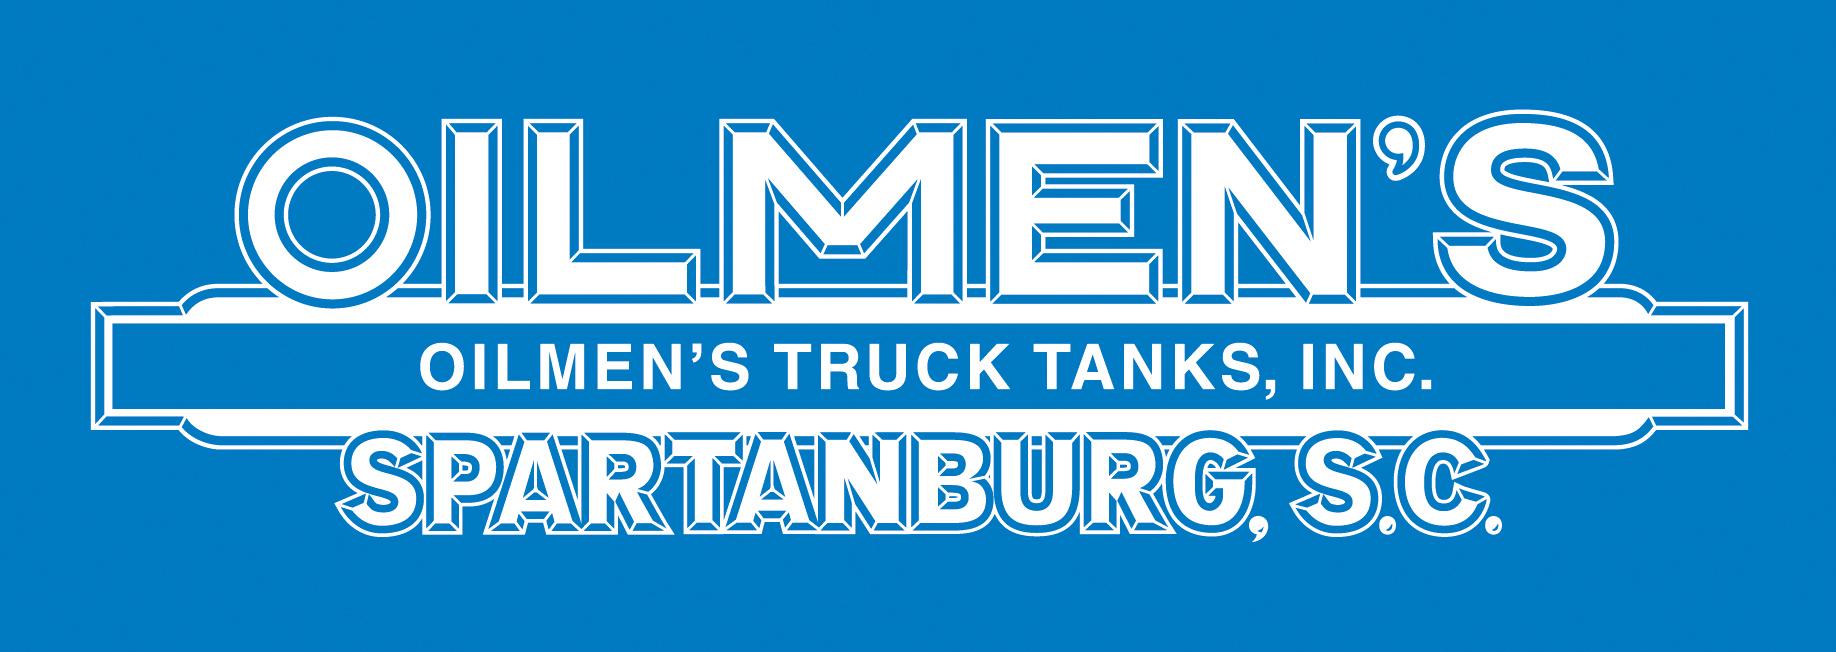 Oilmens Truck Tanks